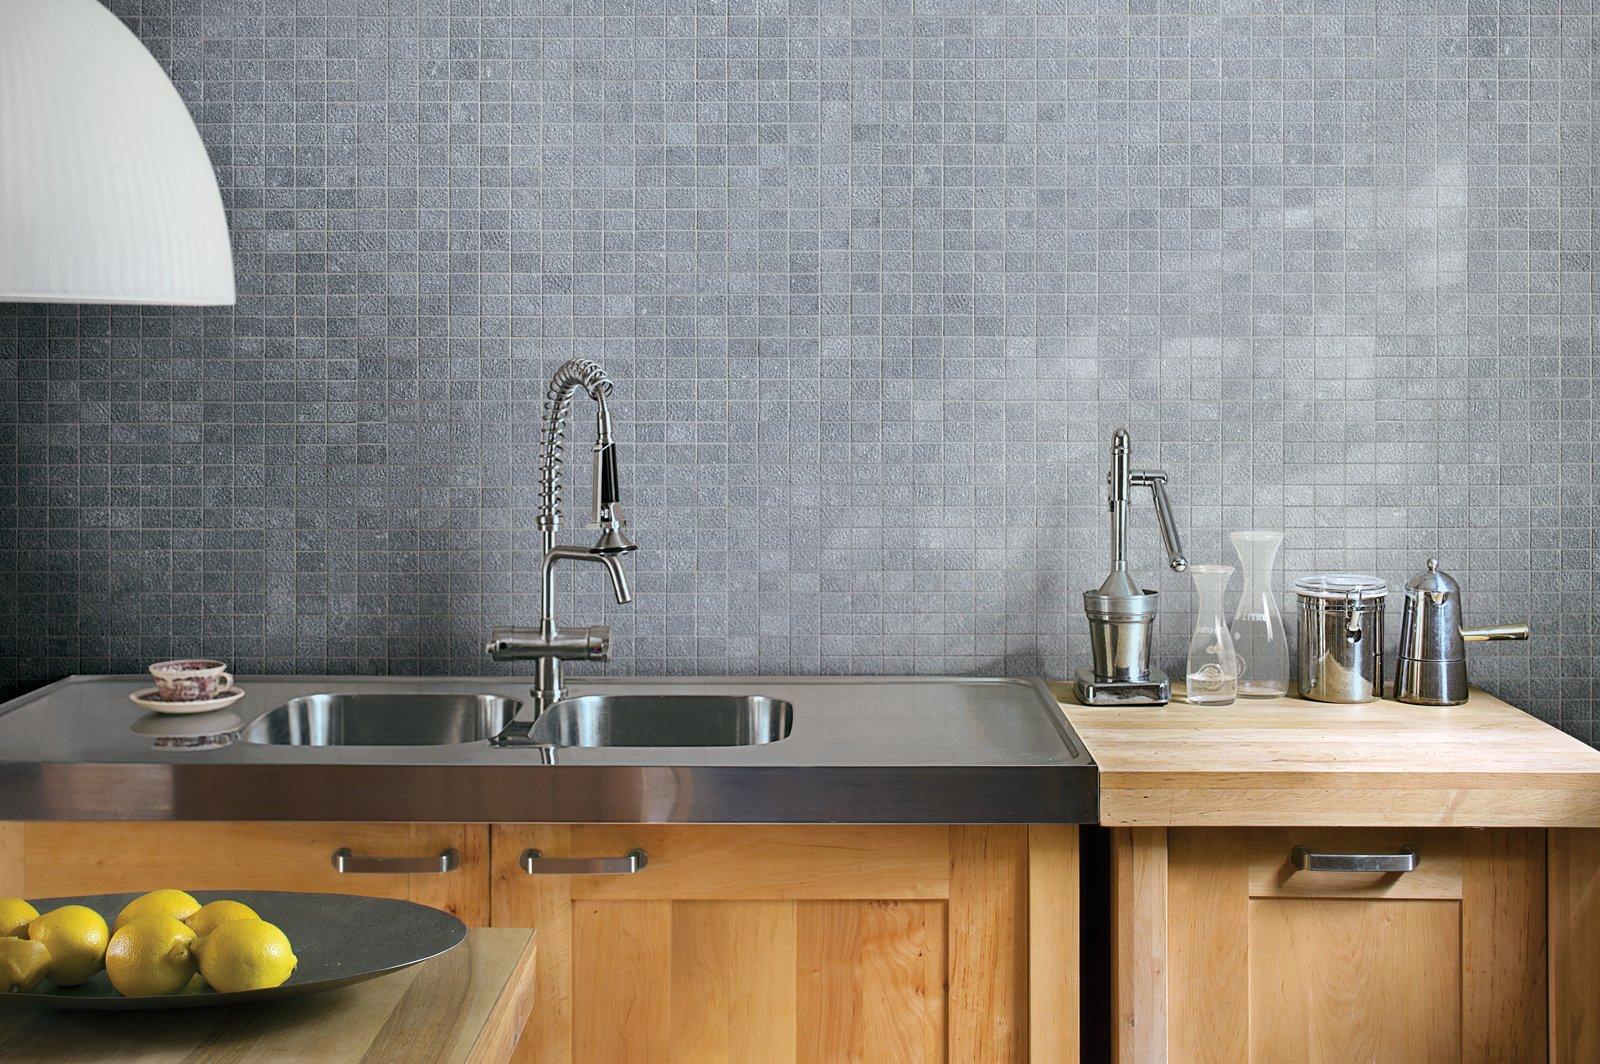 Cucina piastrelle per le pareti cose di casa - Levigare il parquet senza togliere i mobili ...